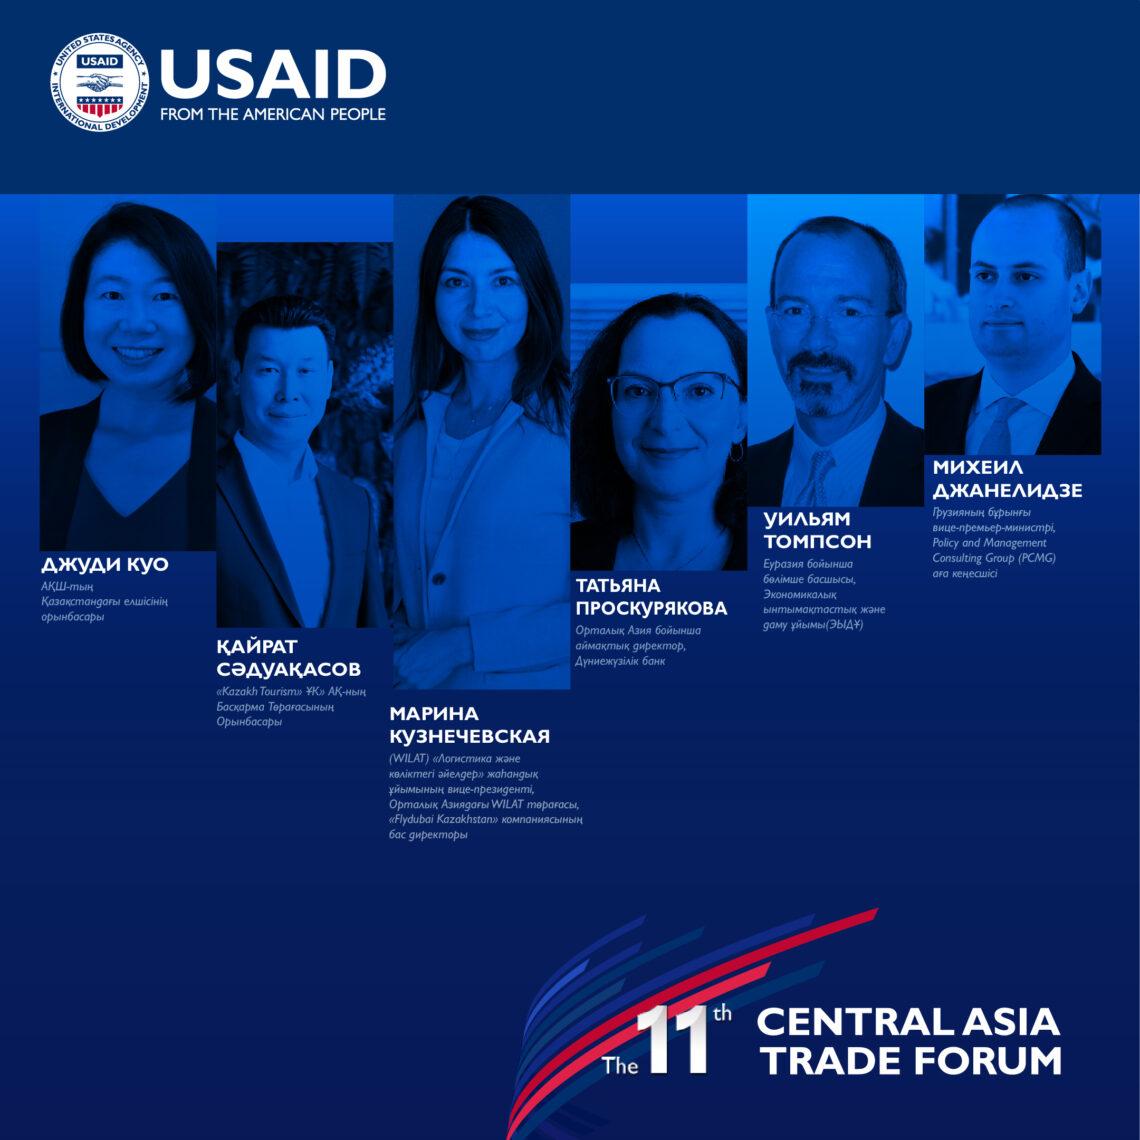 Сегодня начинается 11 Центрально-Азиатский торговый форум при содействии USAID